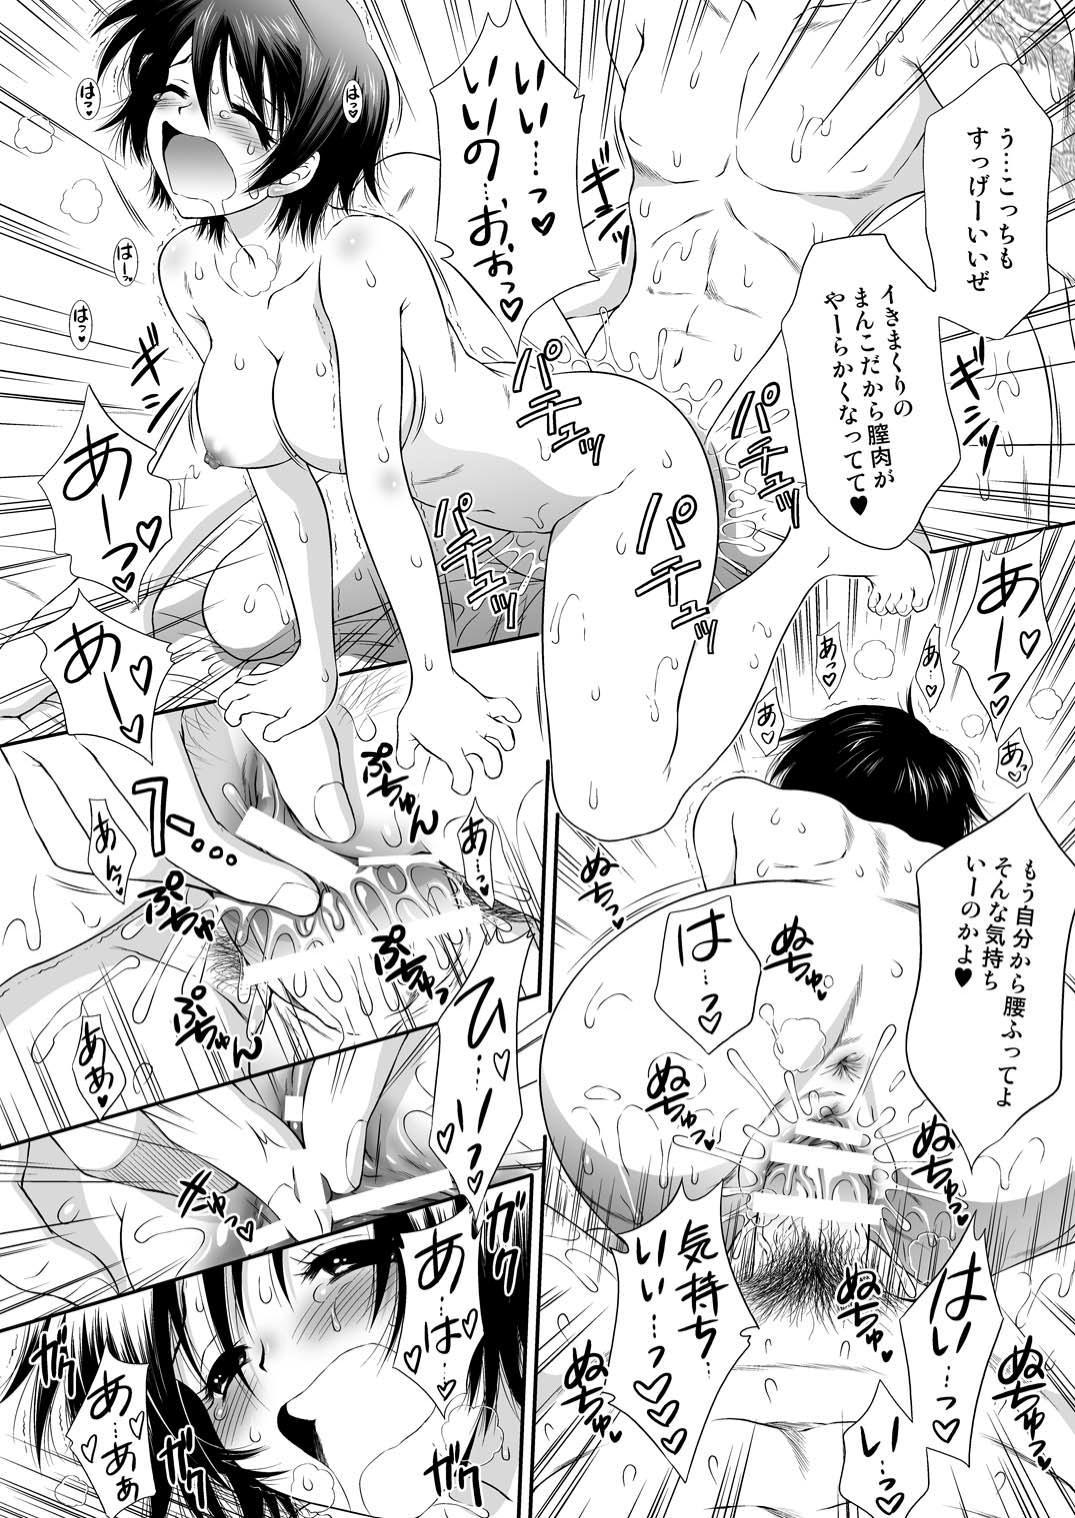 [U.R.C (MOMOYA SHOW-NEKO)] Himitsu no Rikuson-chan (Shin Sangoku Musou (Dynasty Warriors)) 22